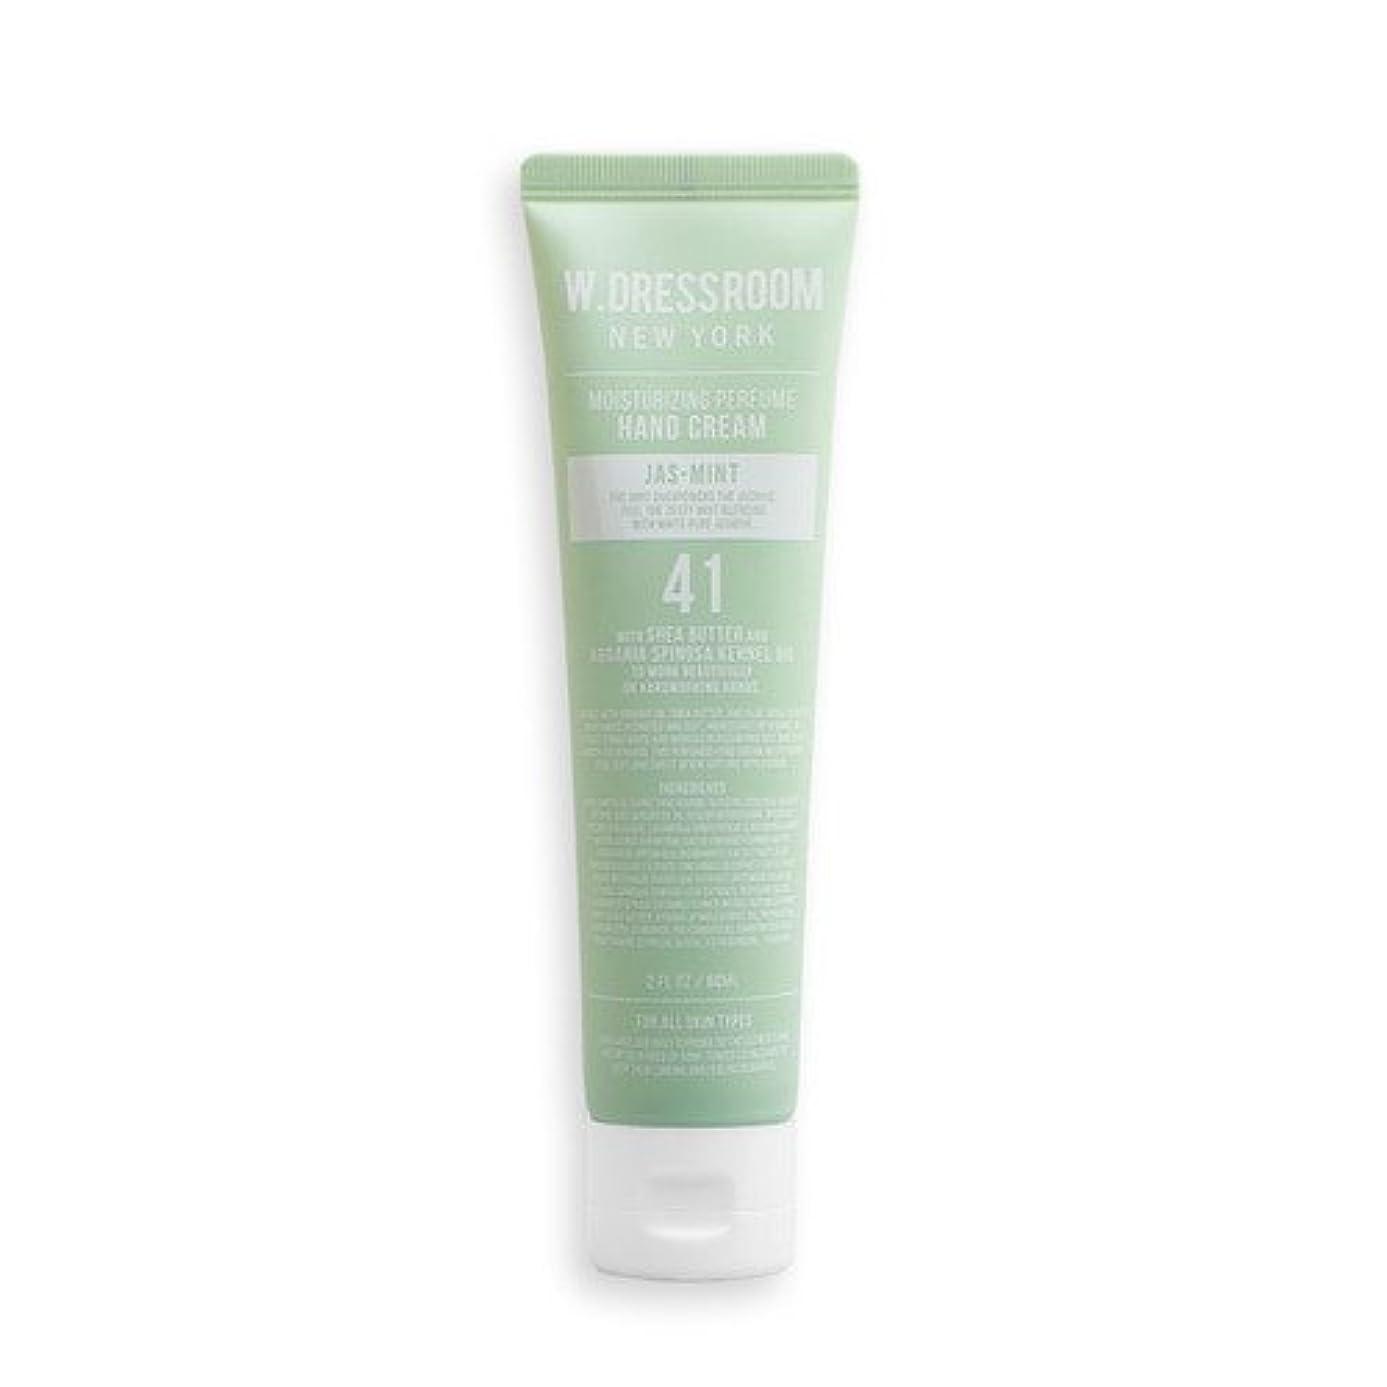 塩空港いつかW.DRESSROOM Moisturizing Perfume Hand Cream 60ml/ダブルドレスルーム モイスチャライジング パフューム ハンドクリーム 60ml (#No.41 Jas-Mint) [並行輸入品]